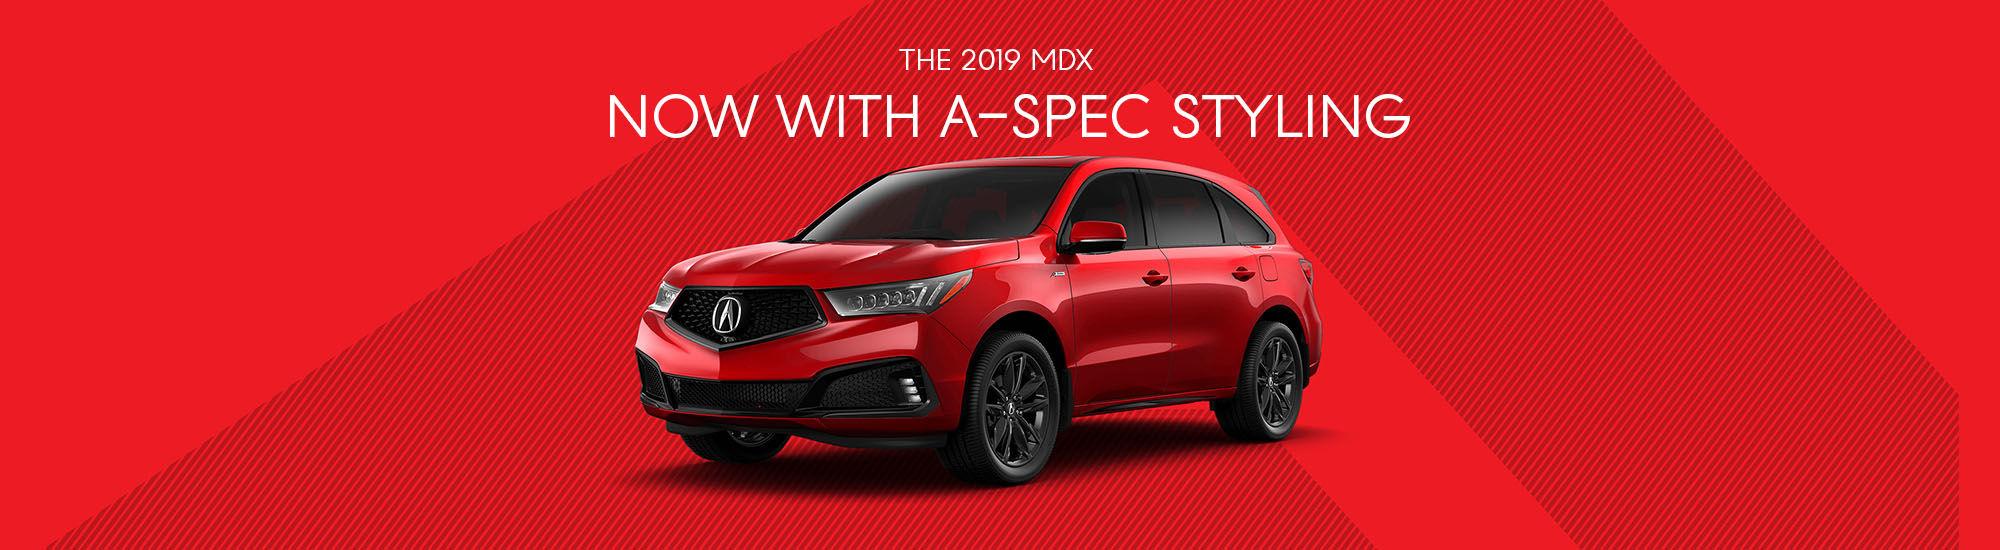 2019 MDX A-Spec